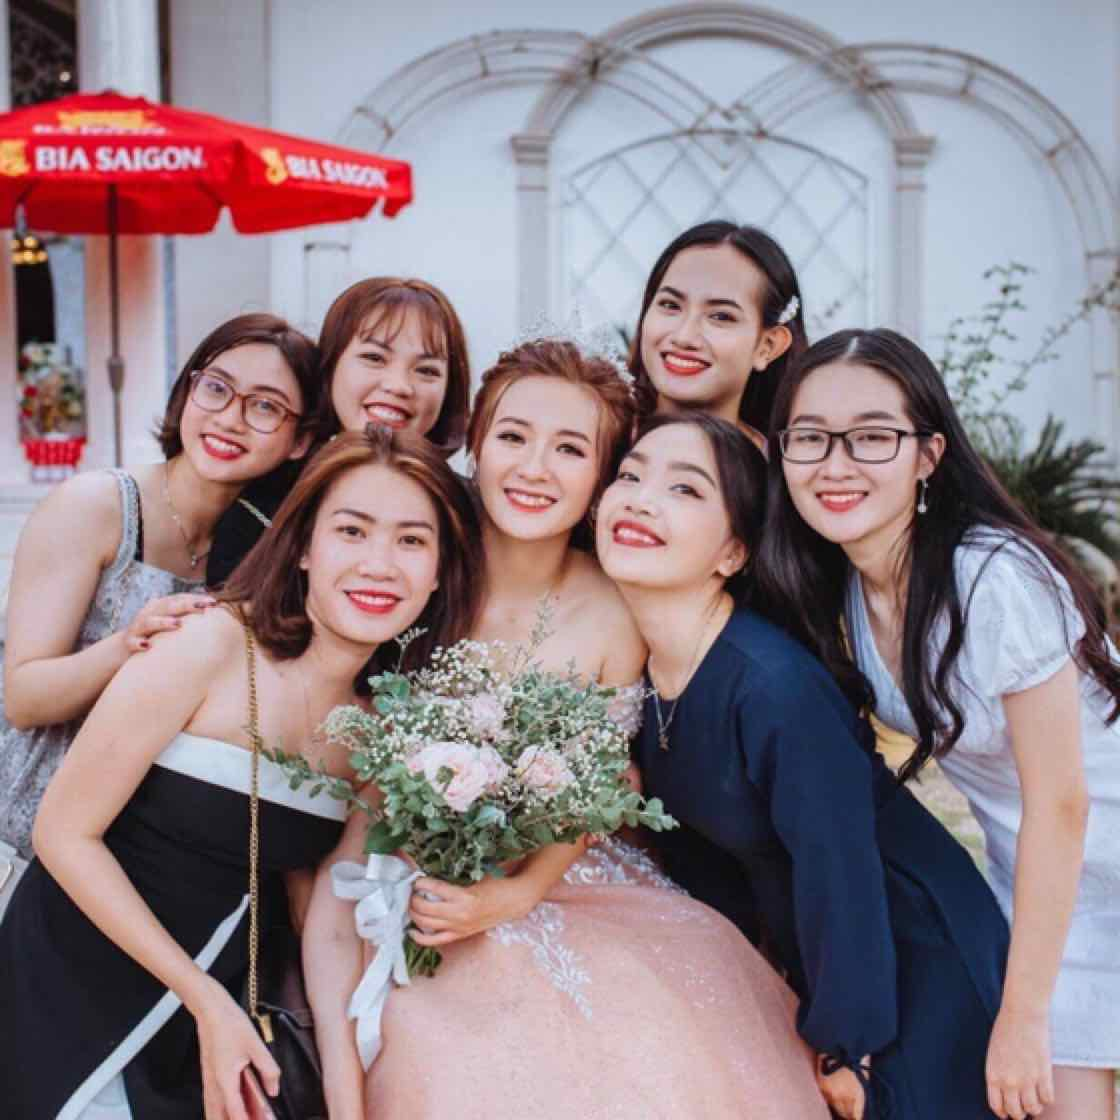 Minh Miinh - Hội người trẻ neo đơn bền bỉ chúng tui rất vui mừng thông báo đã gả được bạn, và sắp loại thêm một đứa vào năm sau : 